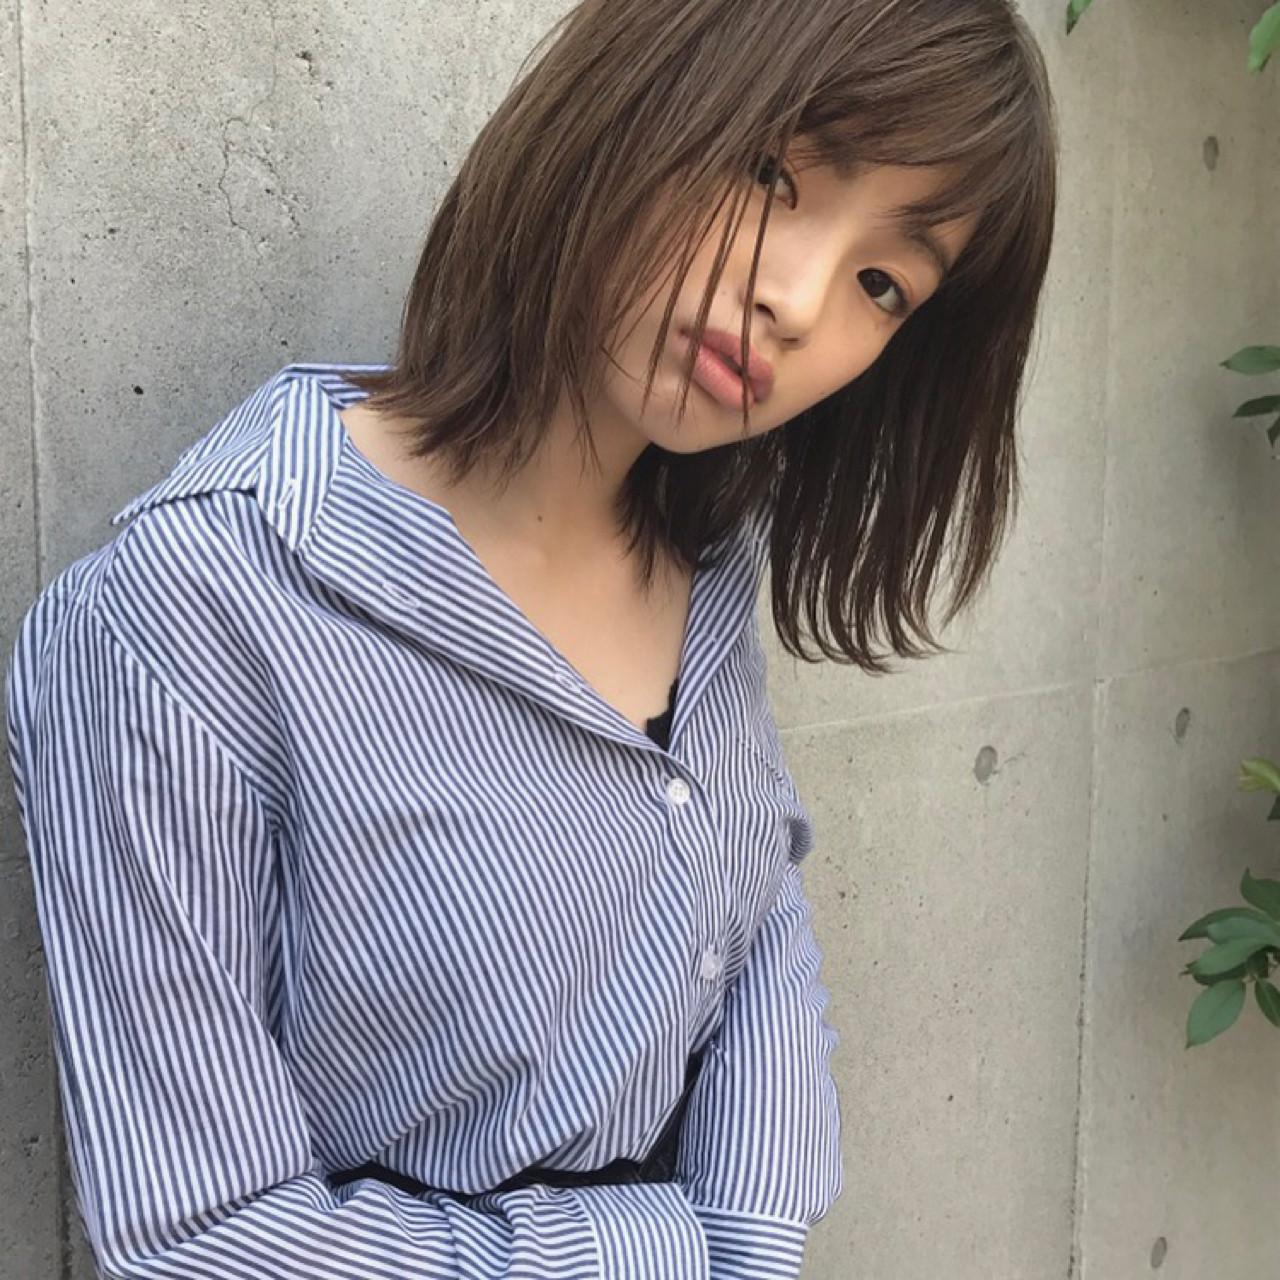 色気 斜め前髪 ナチュラル 前髪あり ヘアスタイルや髪型の写真・画像